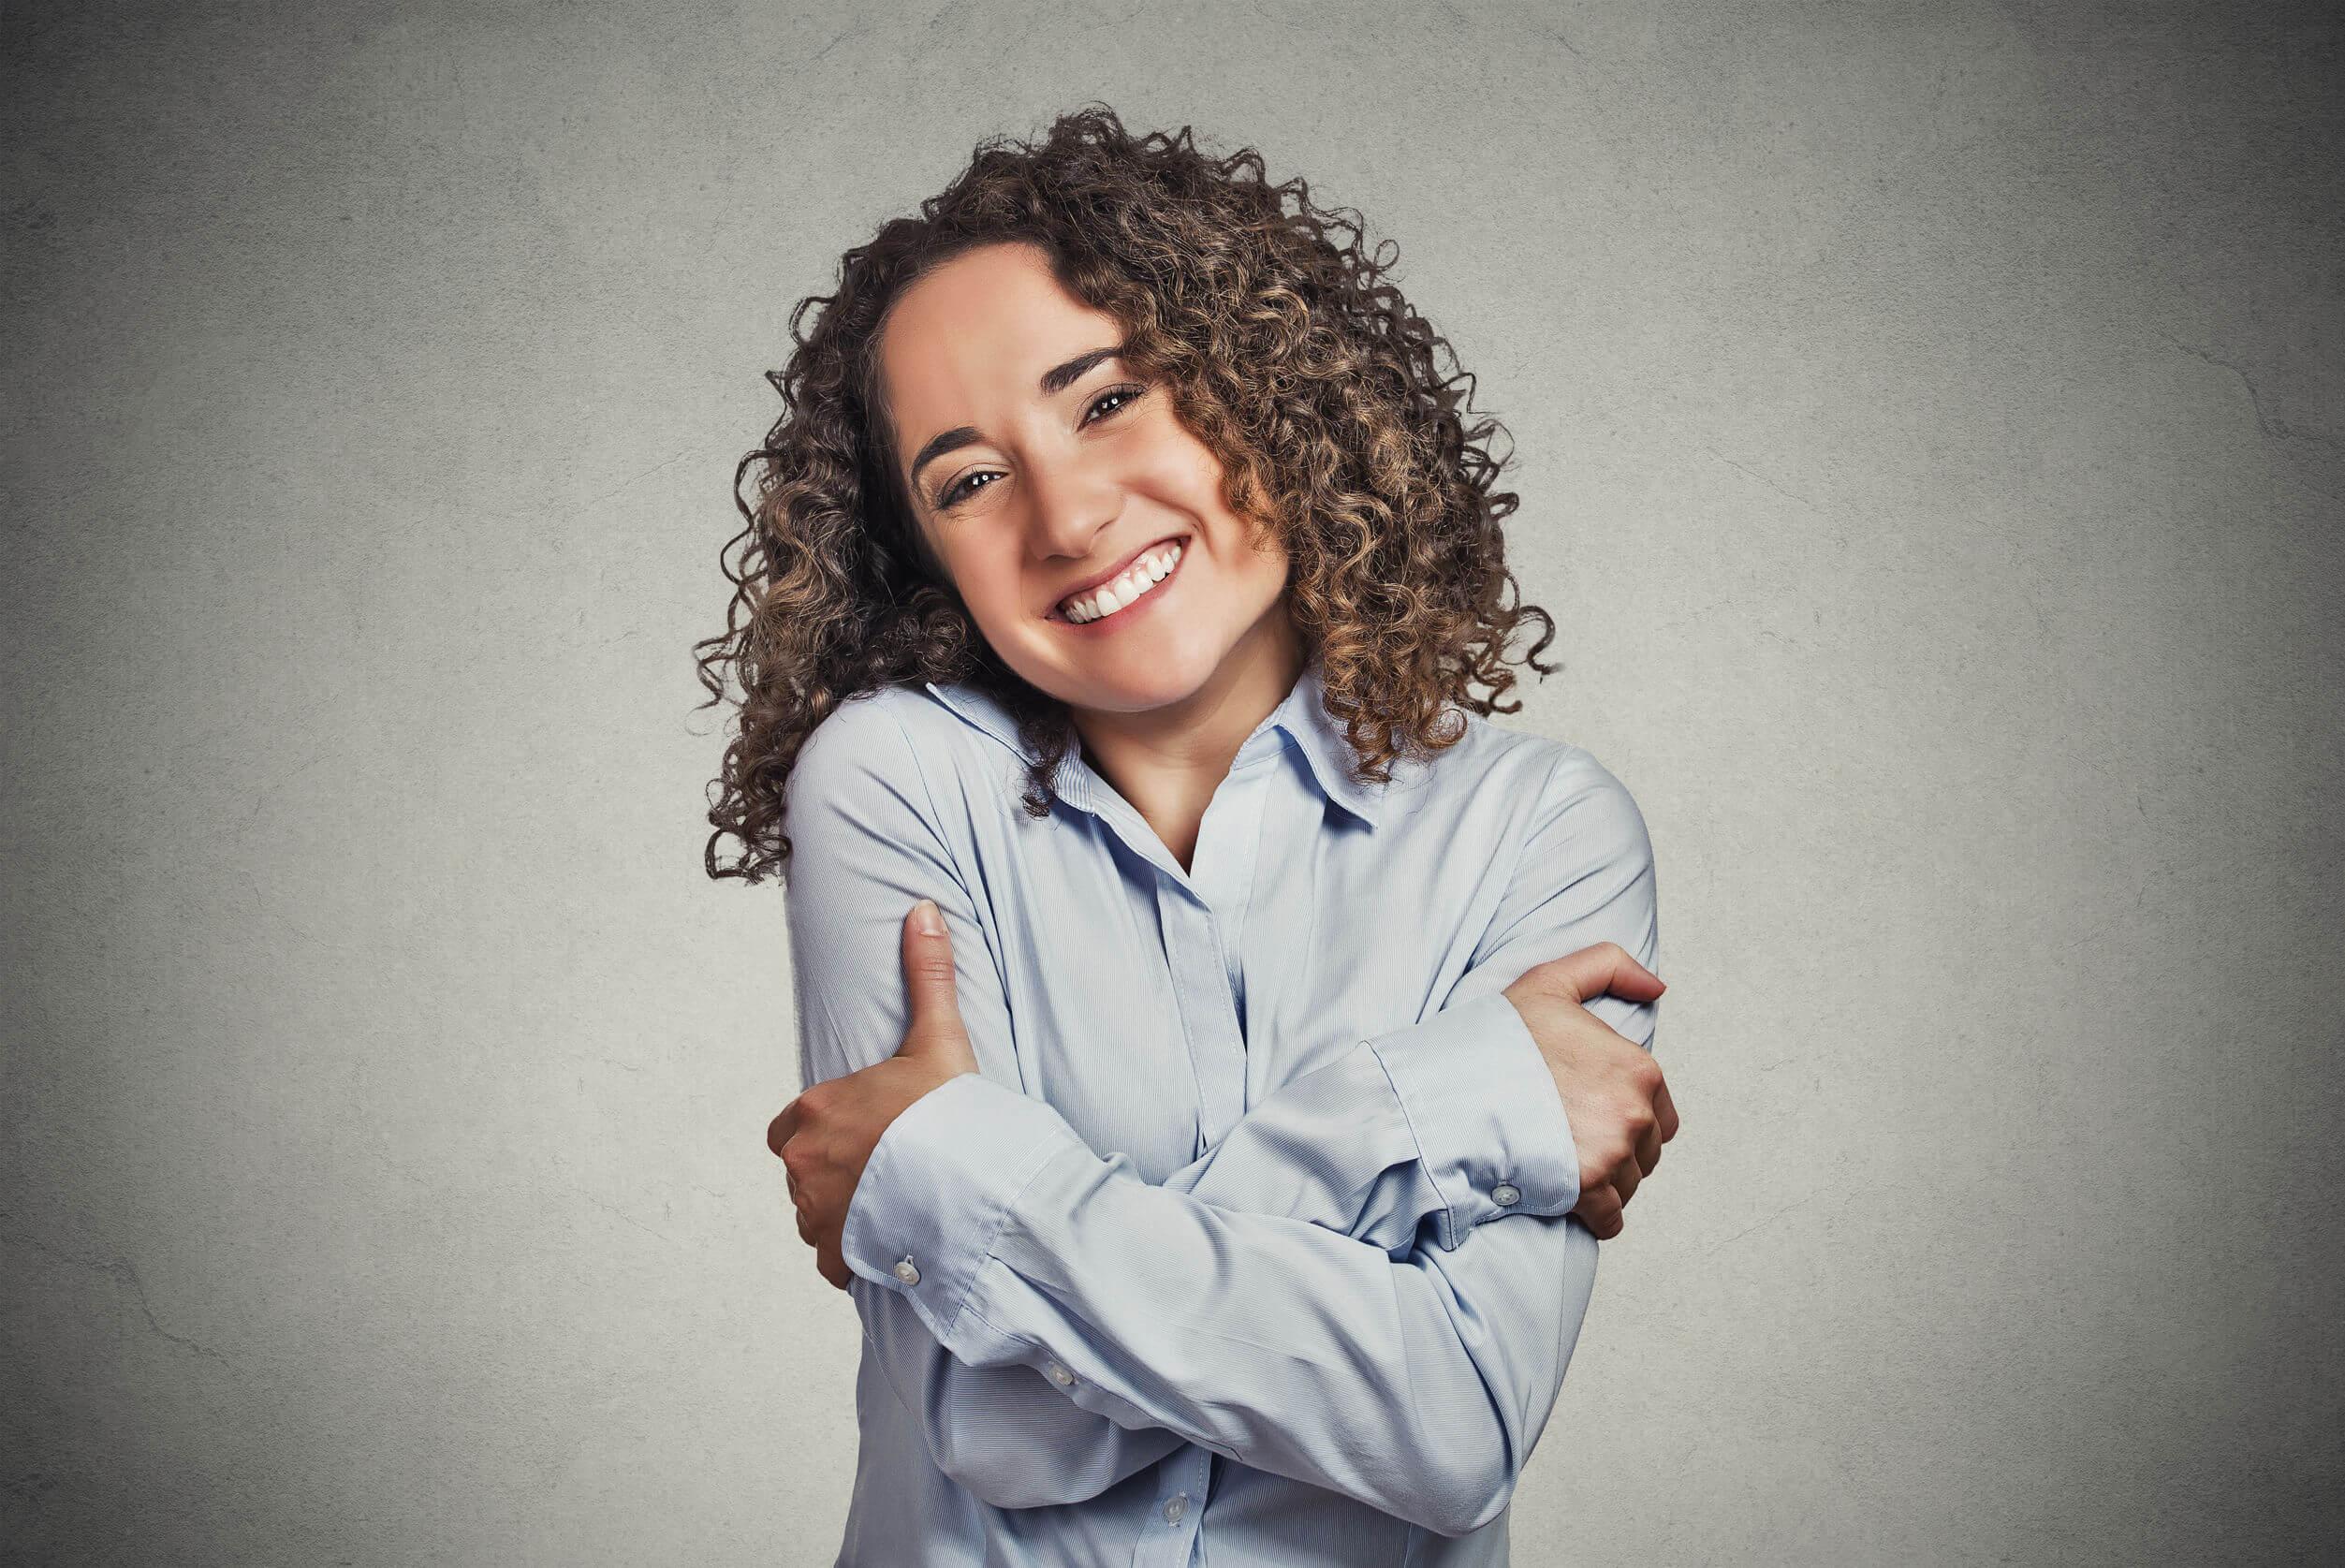 Cómo mejorar el autoconcepto: 4 ideas clave